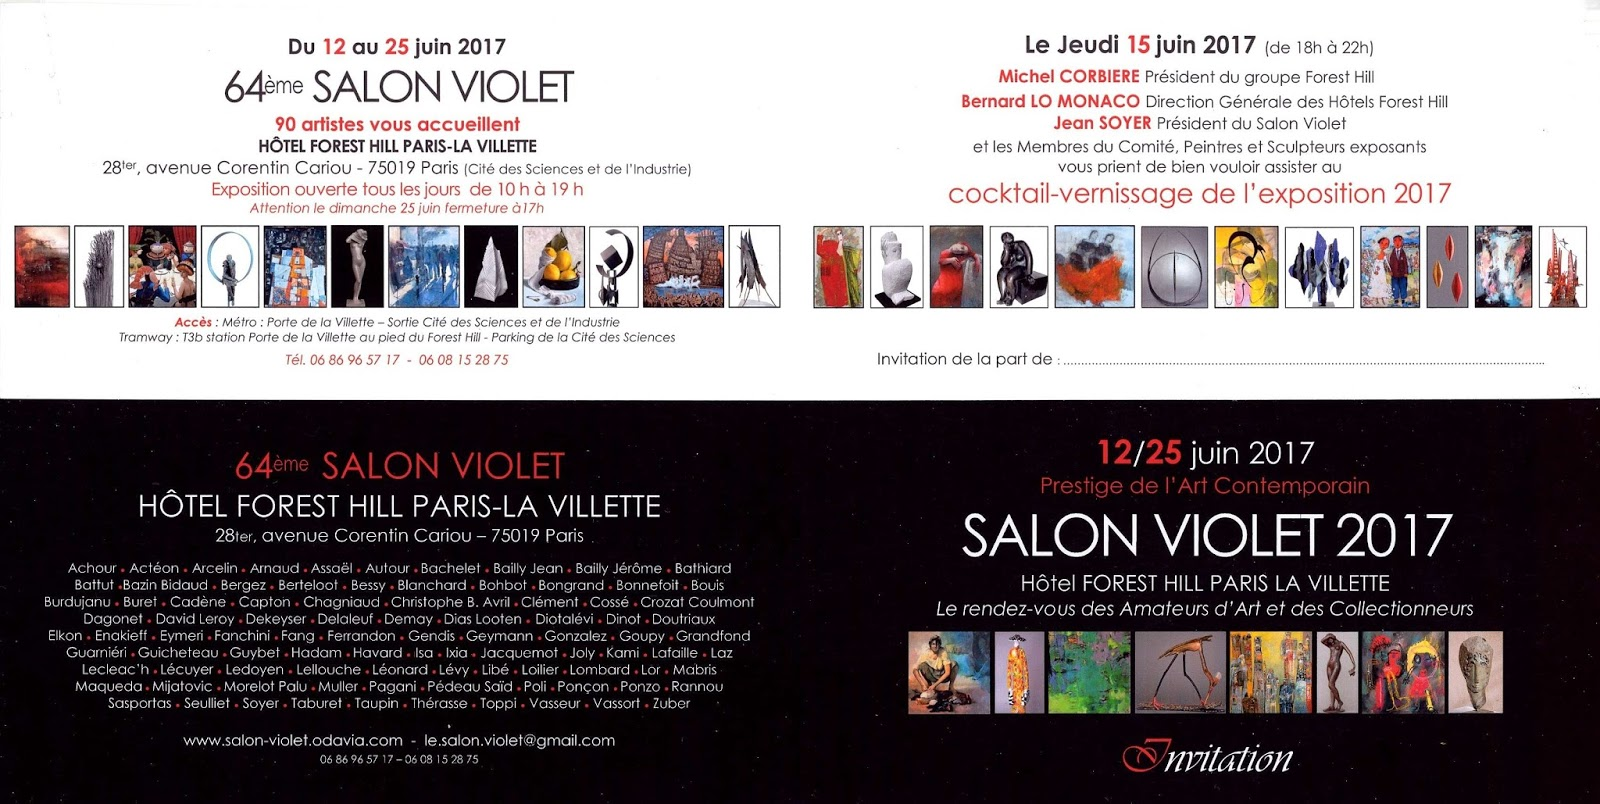 C a p t o n capton invit au 64 me salon violet a l for Salon de l airsoft paris 2017